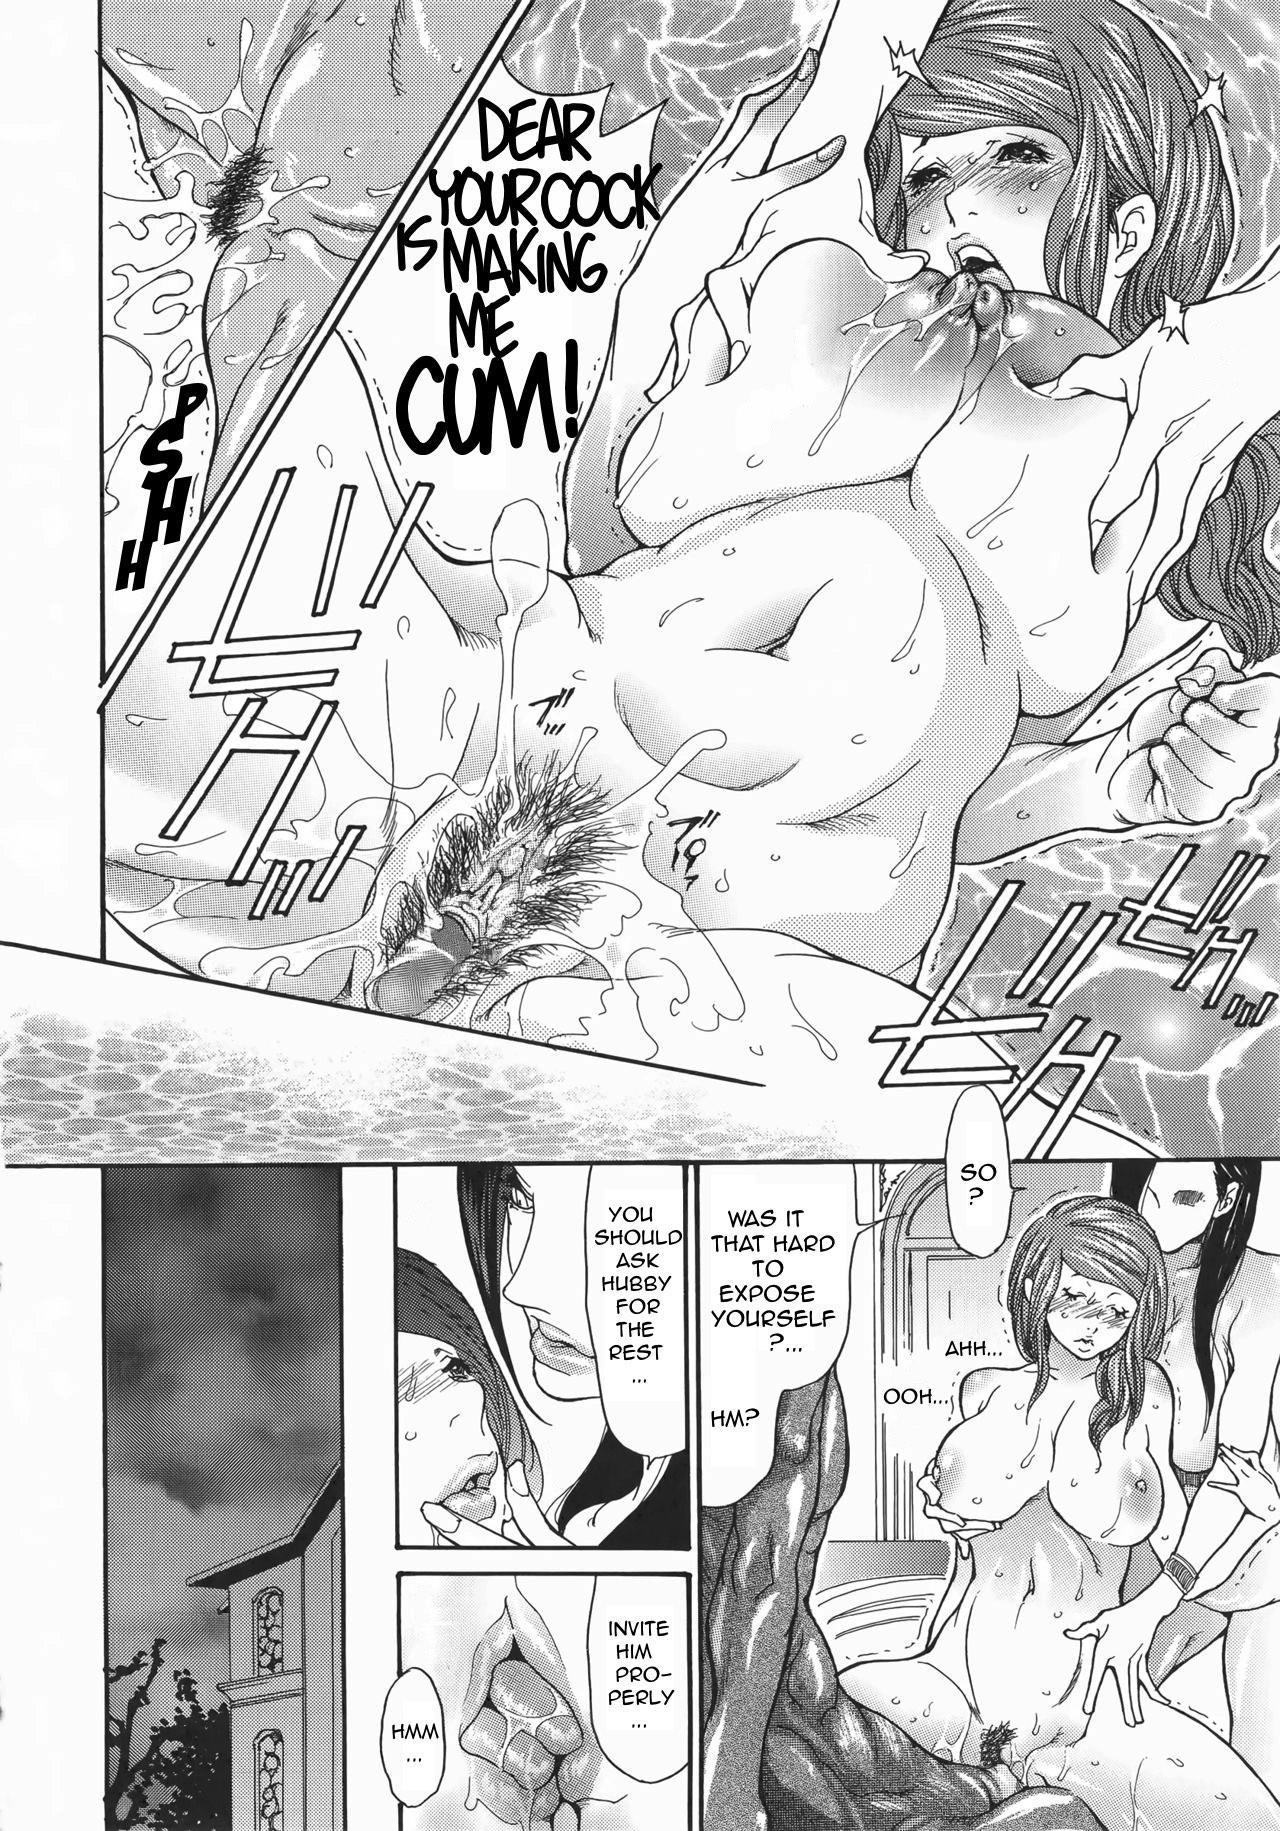 [Aoi Hitori, Izayoi Seishin, Yamasaki Masato] Metamorphose ~Celeb Zuma no Seien~ Ch. 1-8 [English][Decensored] [R-IC] 53